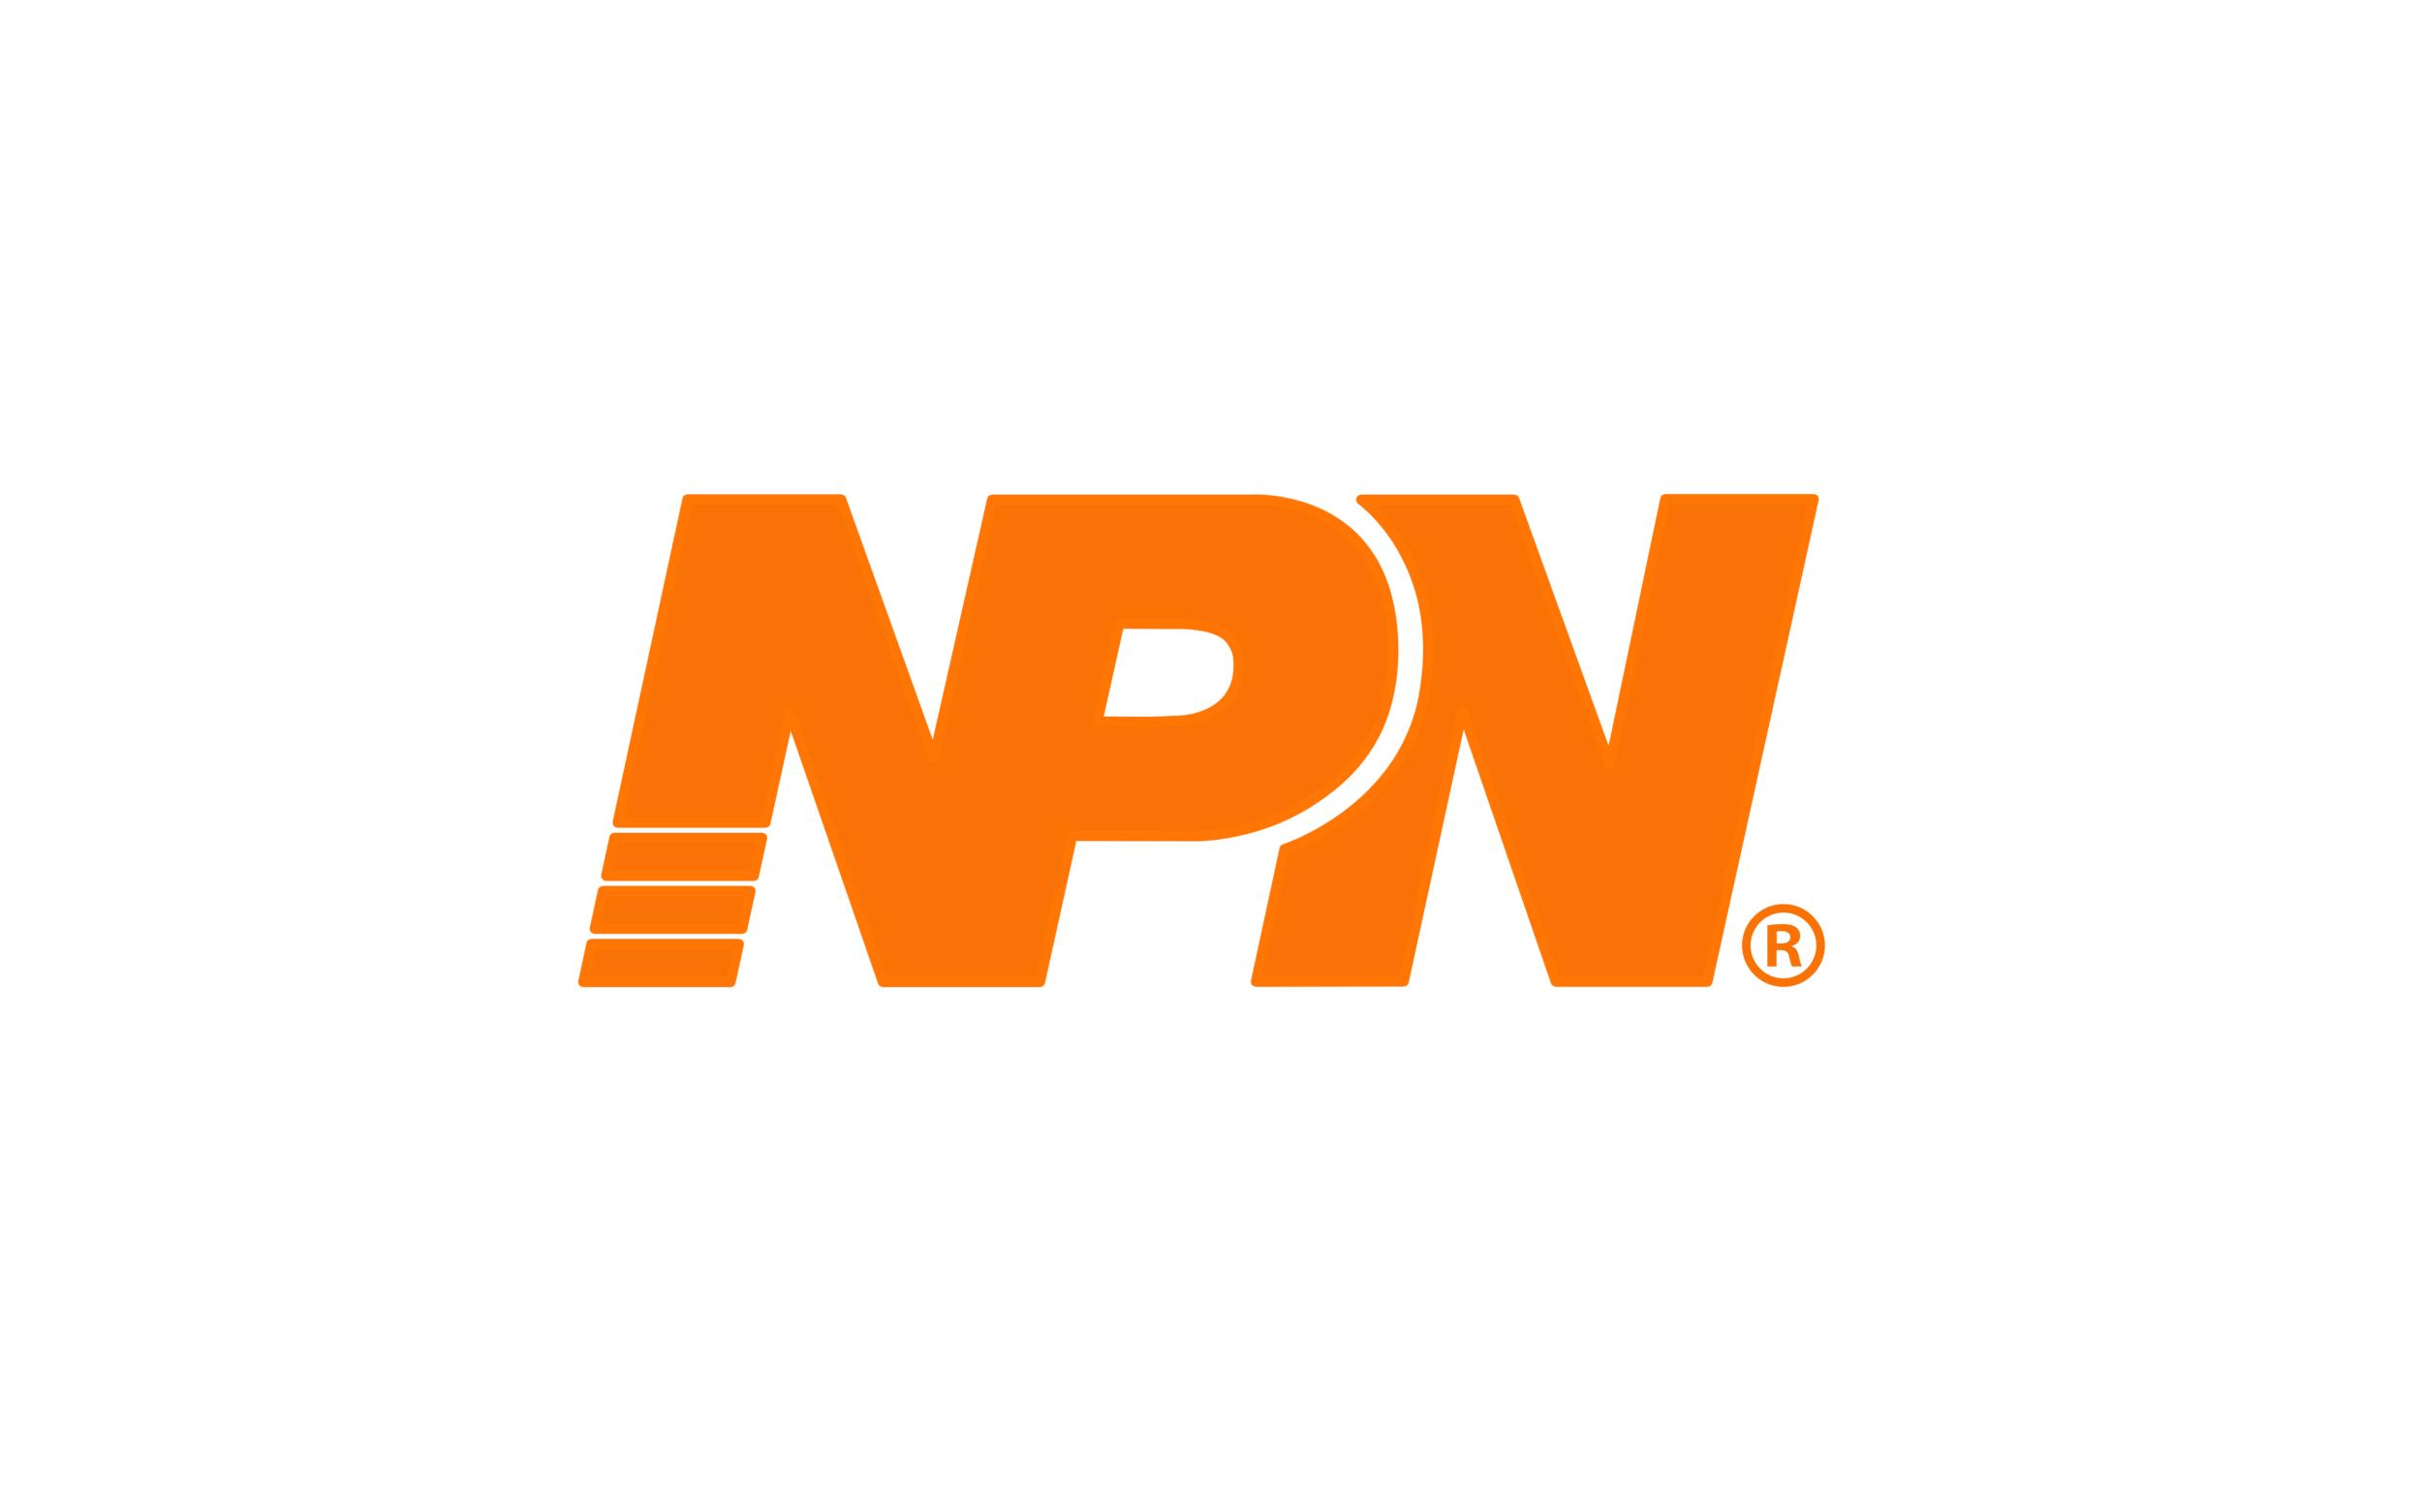 橙色.png